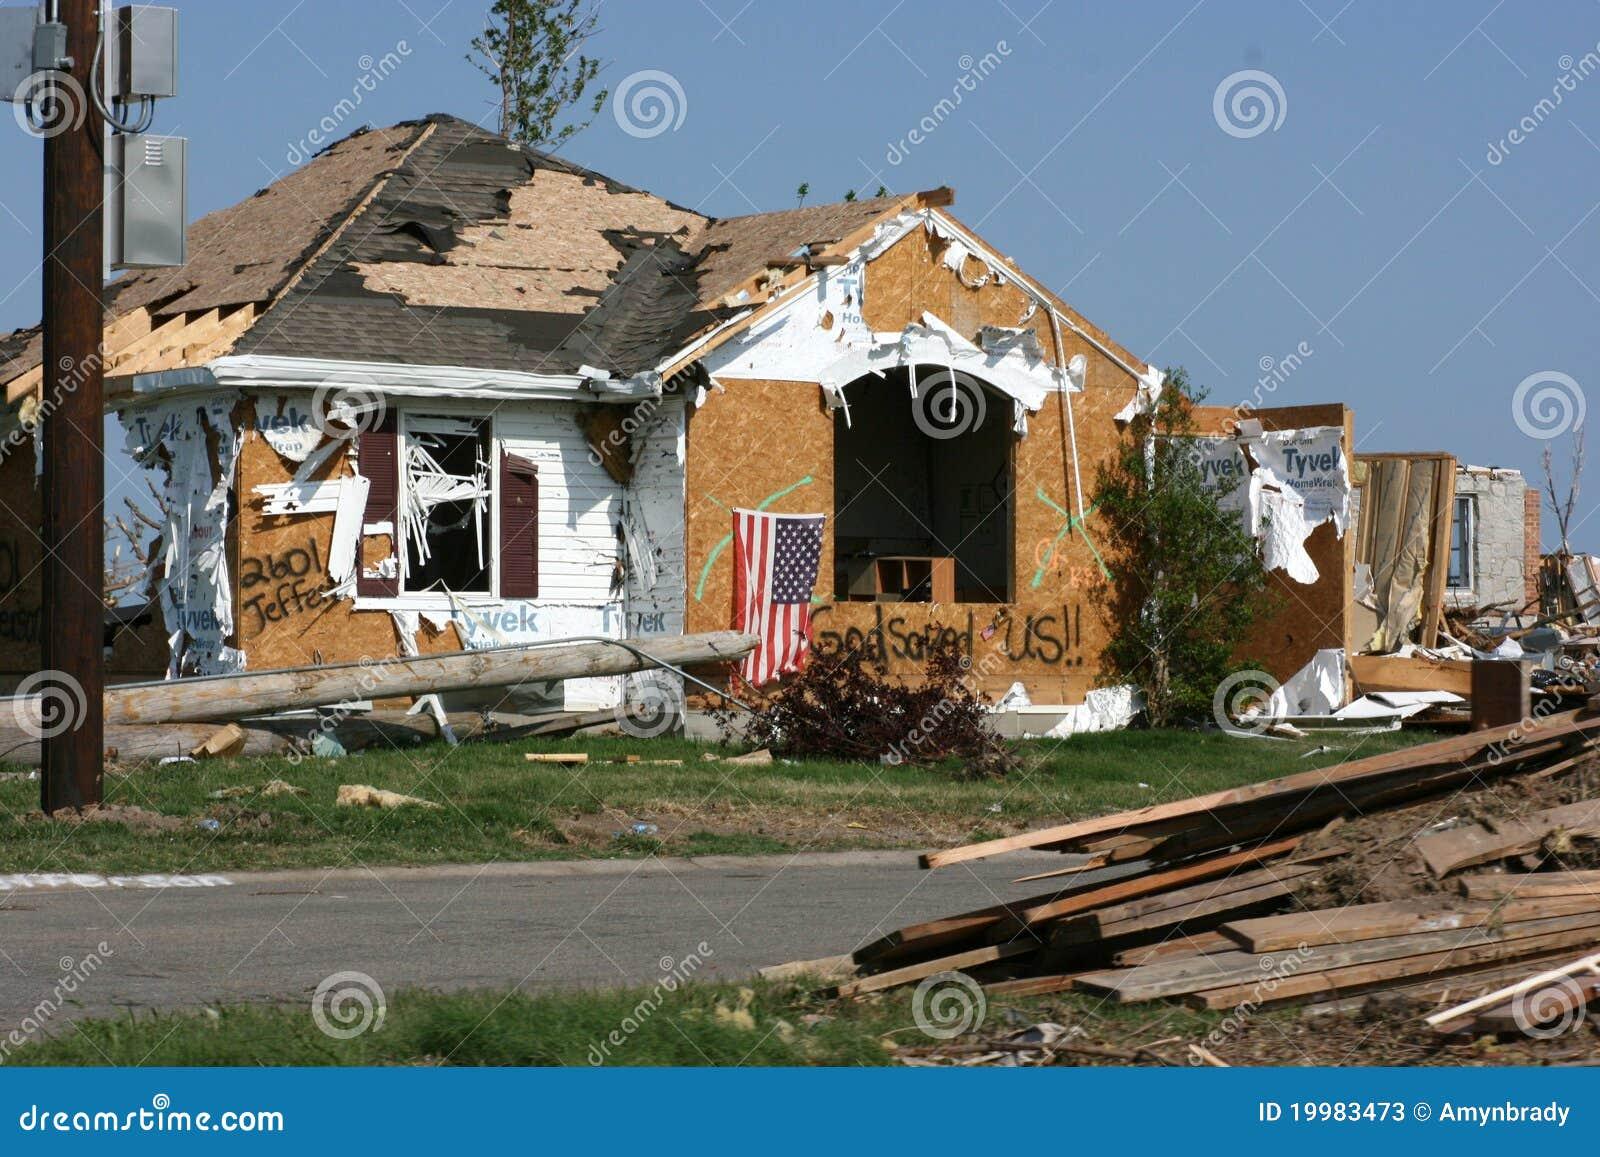 Maison apr s tornade photos stock image 19983473 for Apres shampoing maison